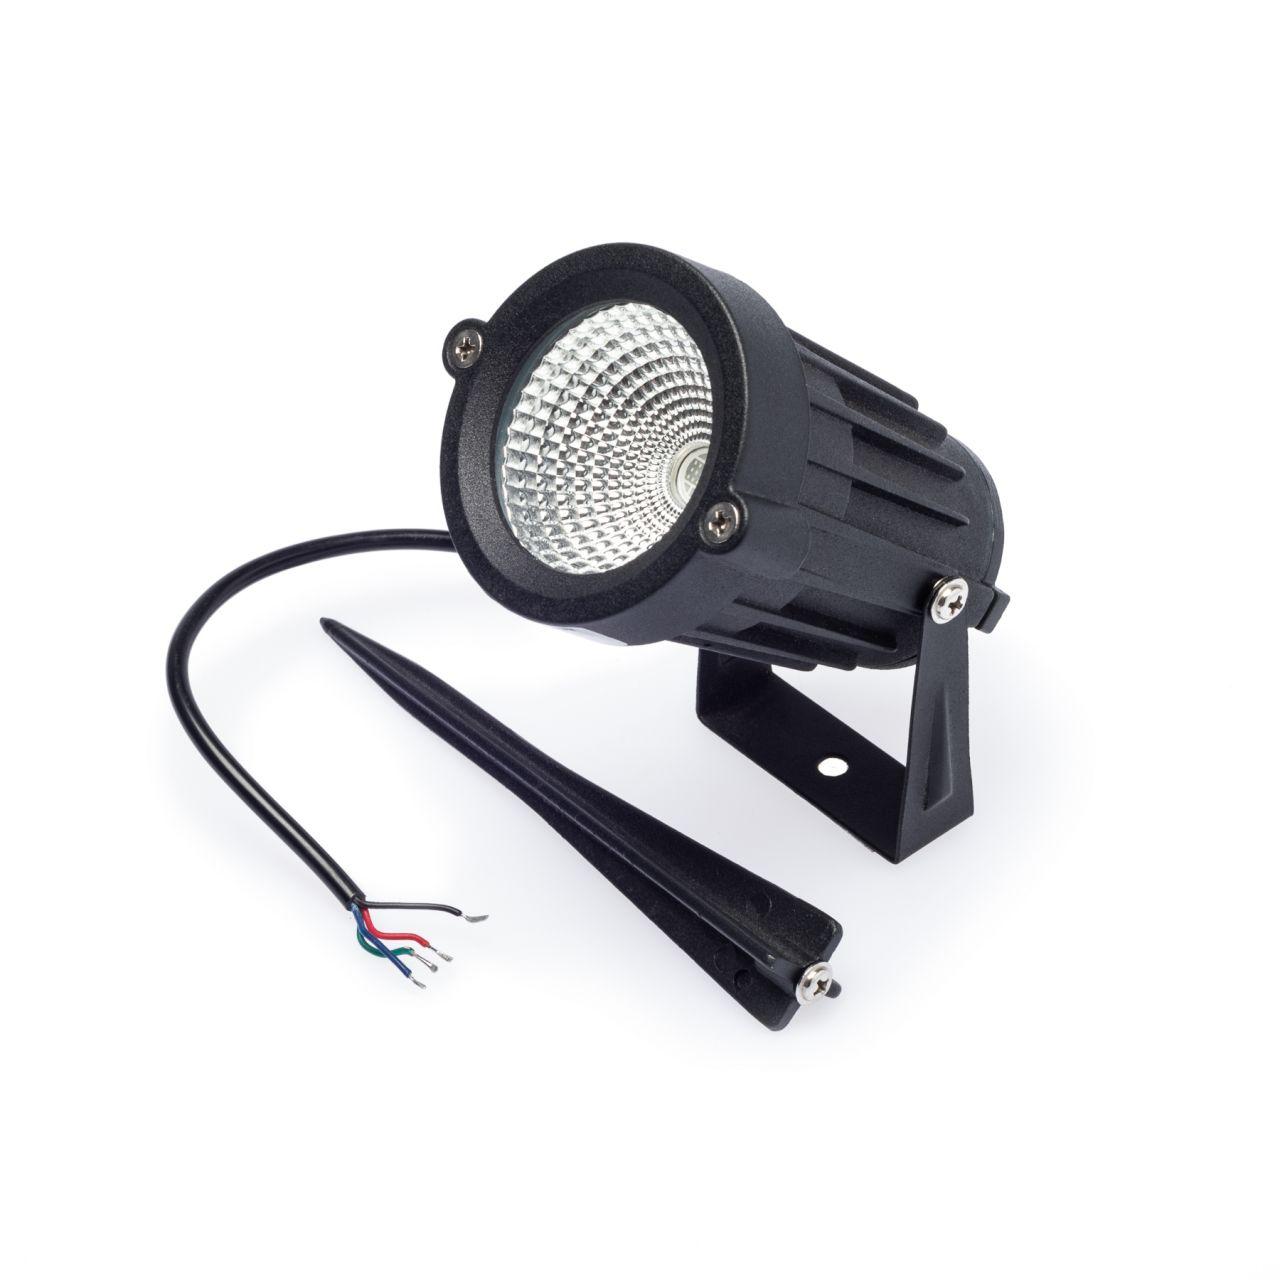 Spotlicht mit Erdspieß 9W, RGB, 24V DC, IP67